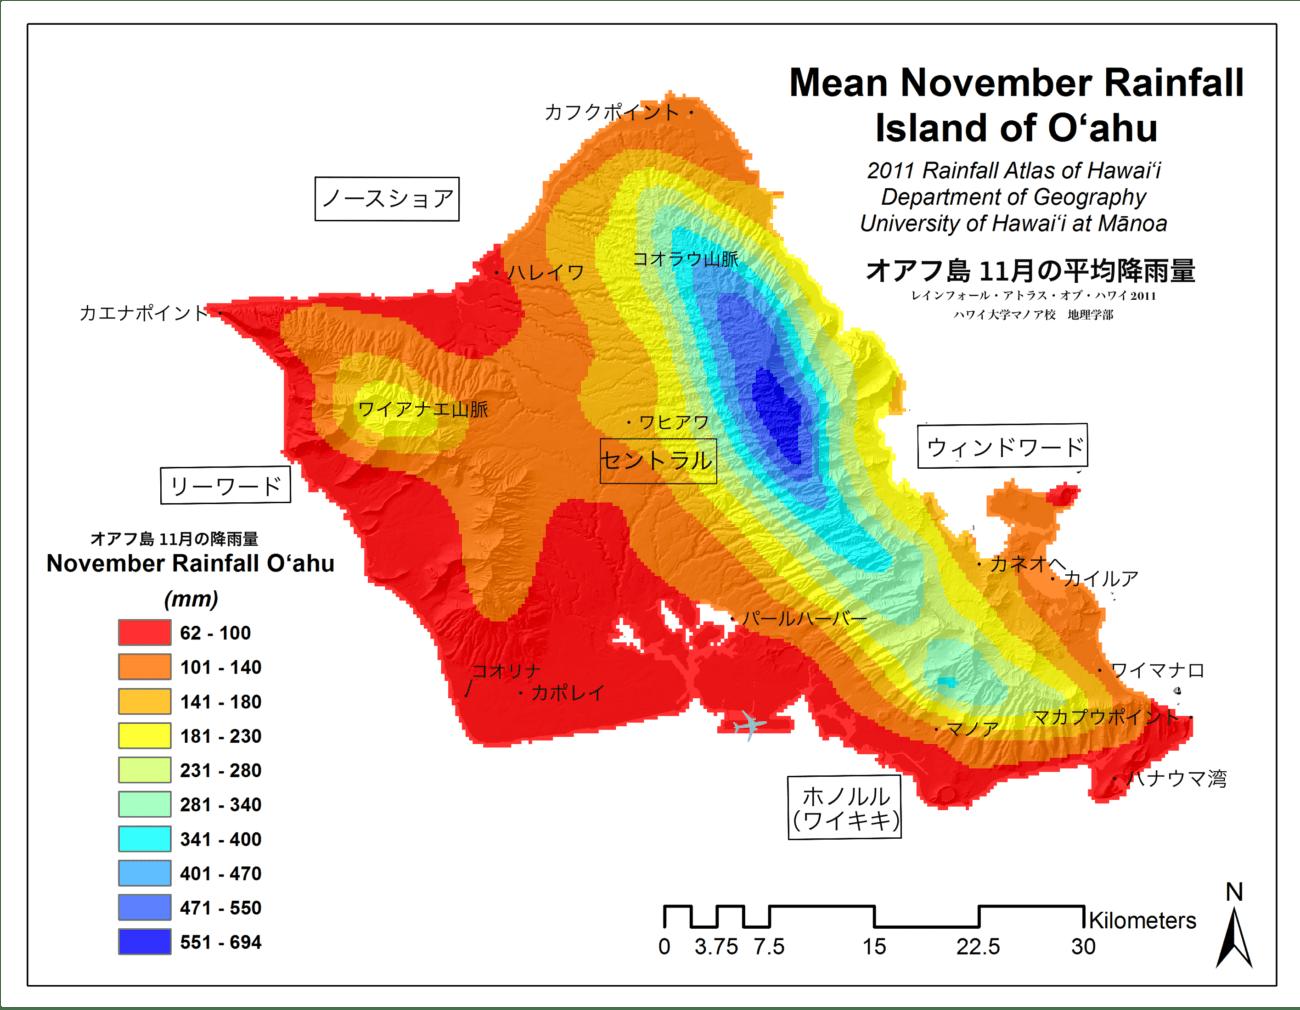 オアフ島 11月の平均降雨量